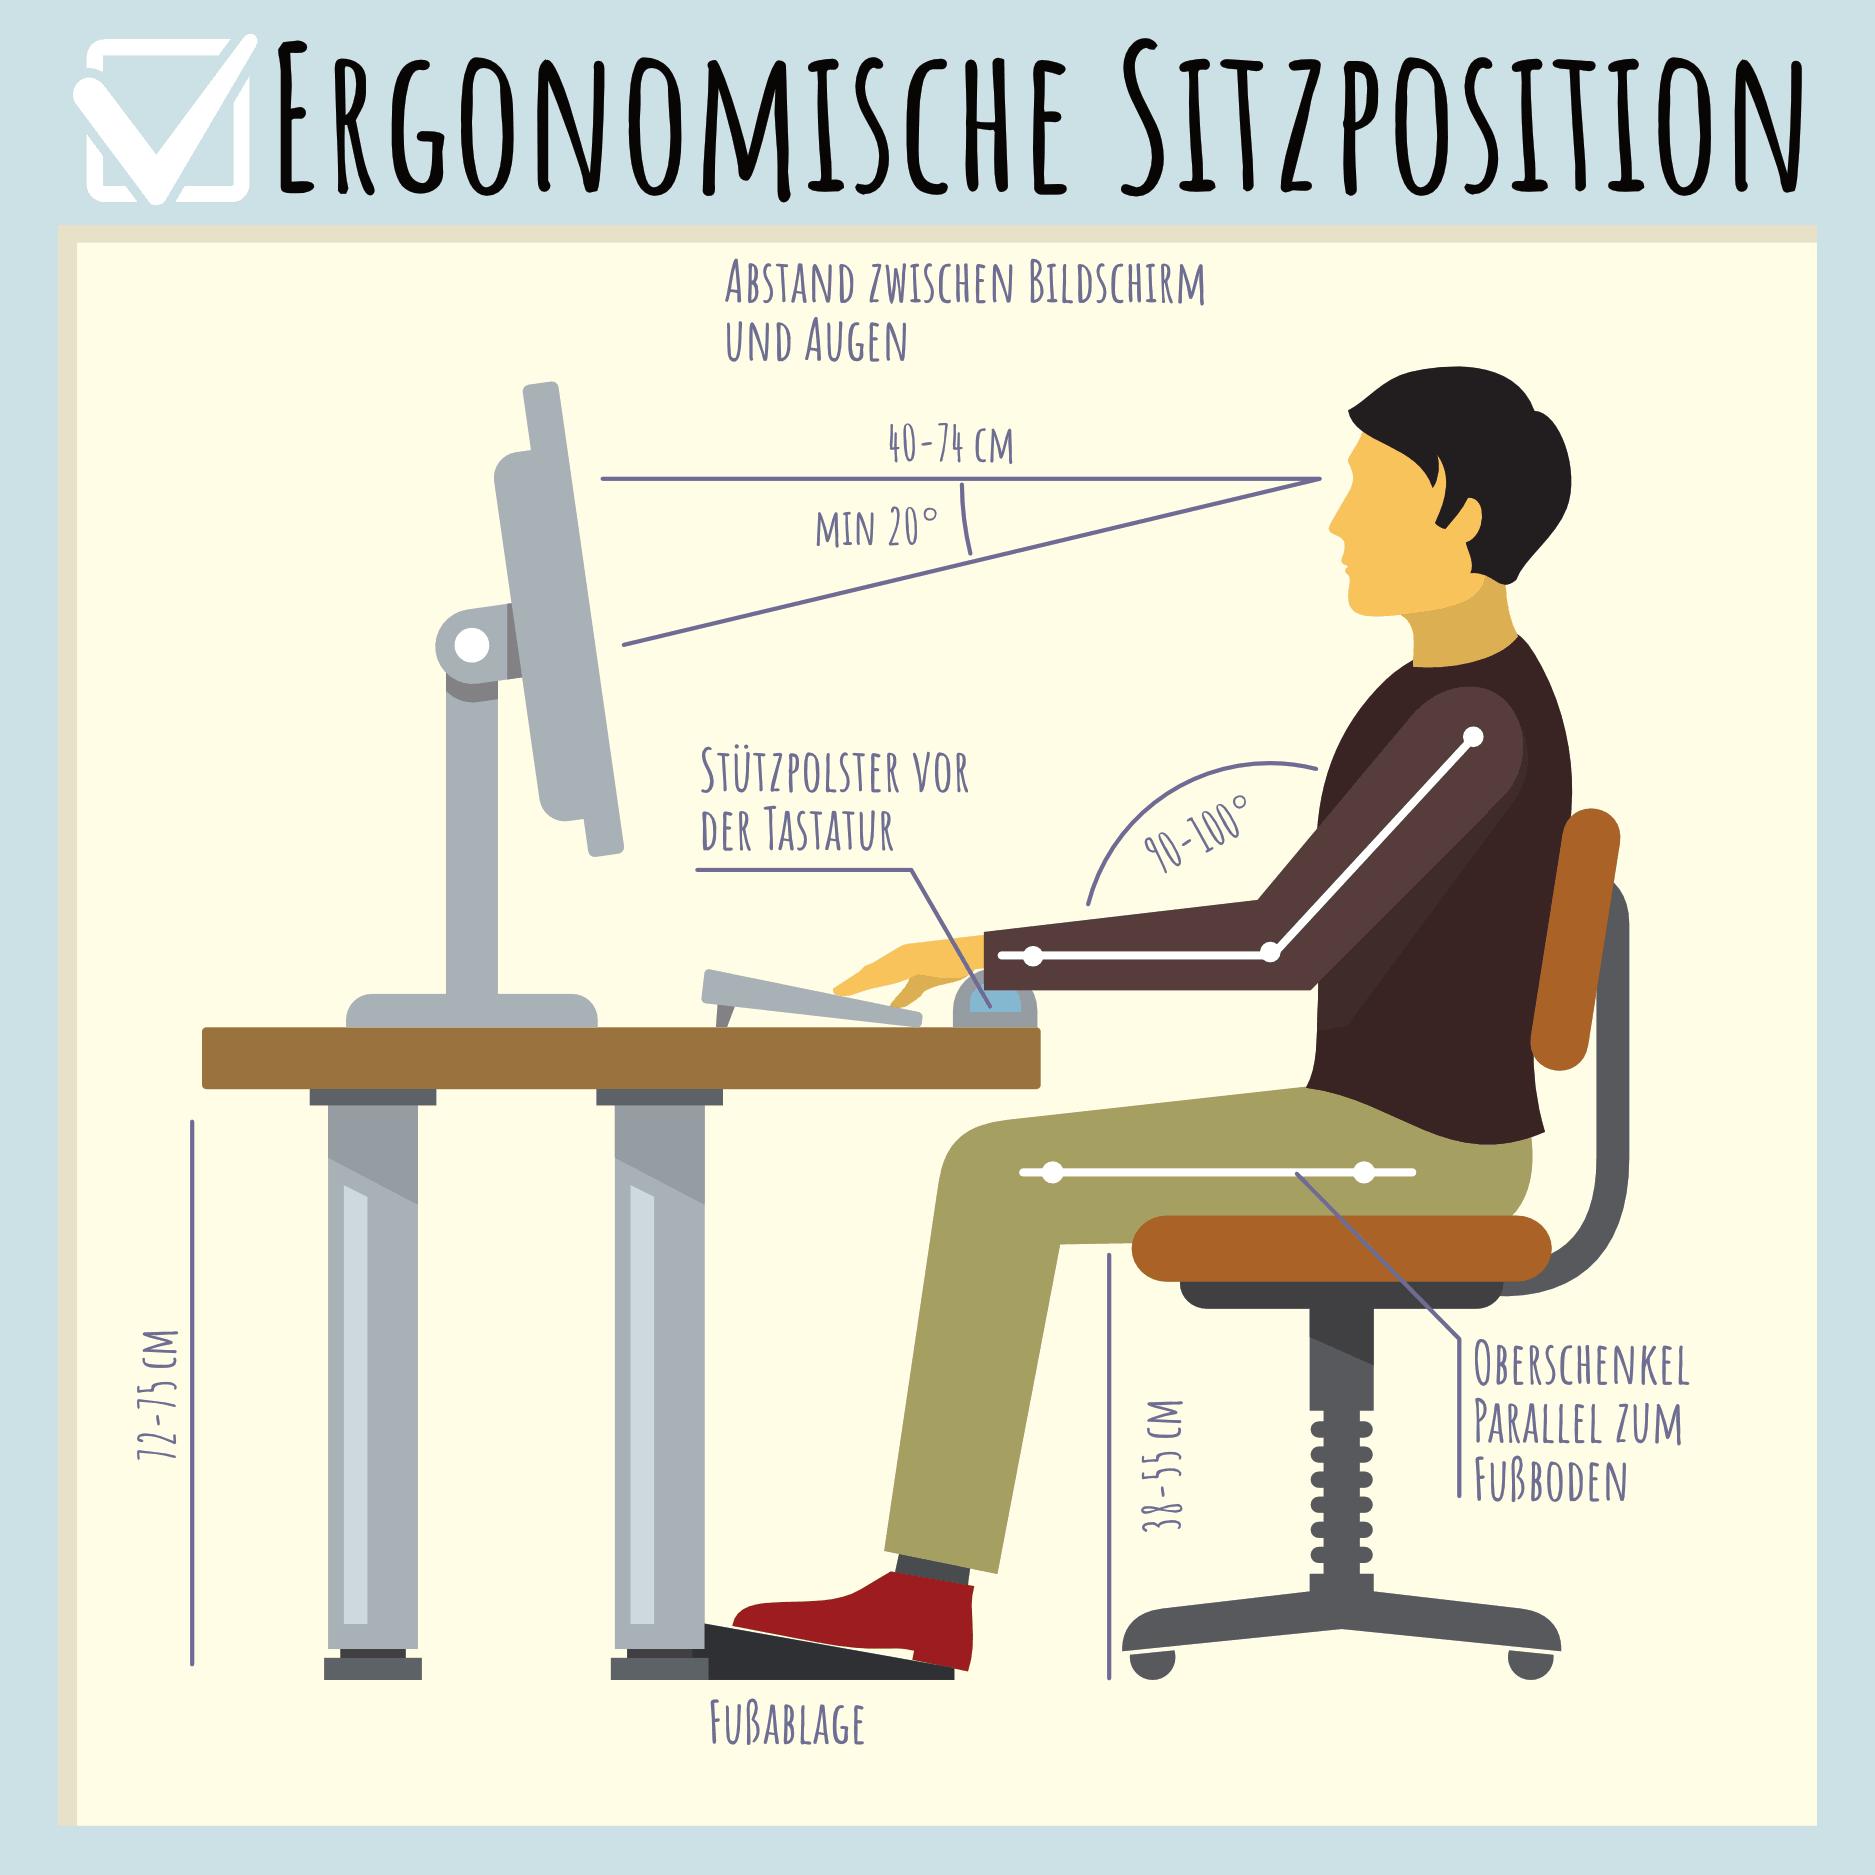 Ergonomische Sitzhaltung fördert Lernmotivation